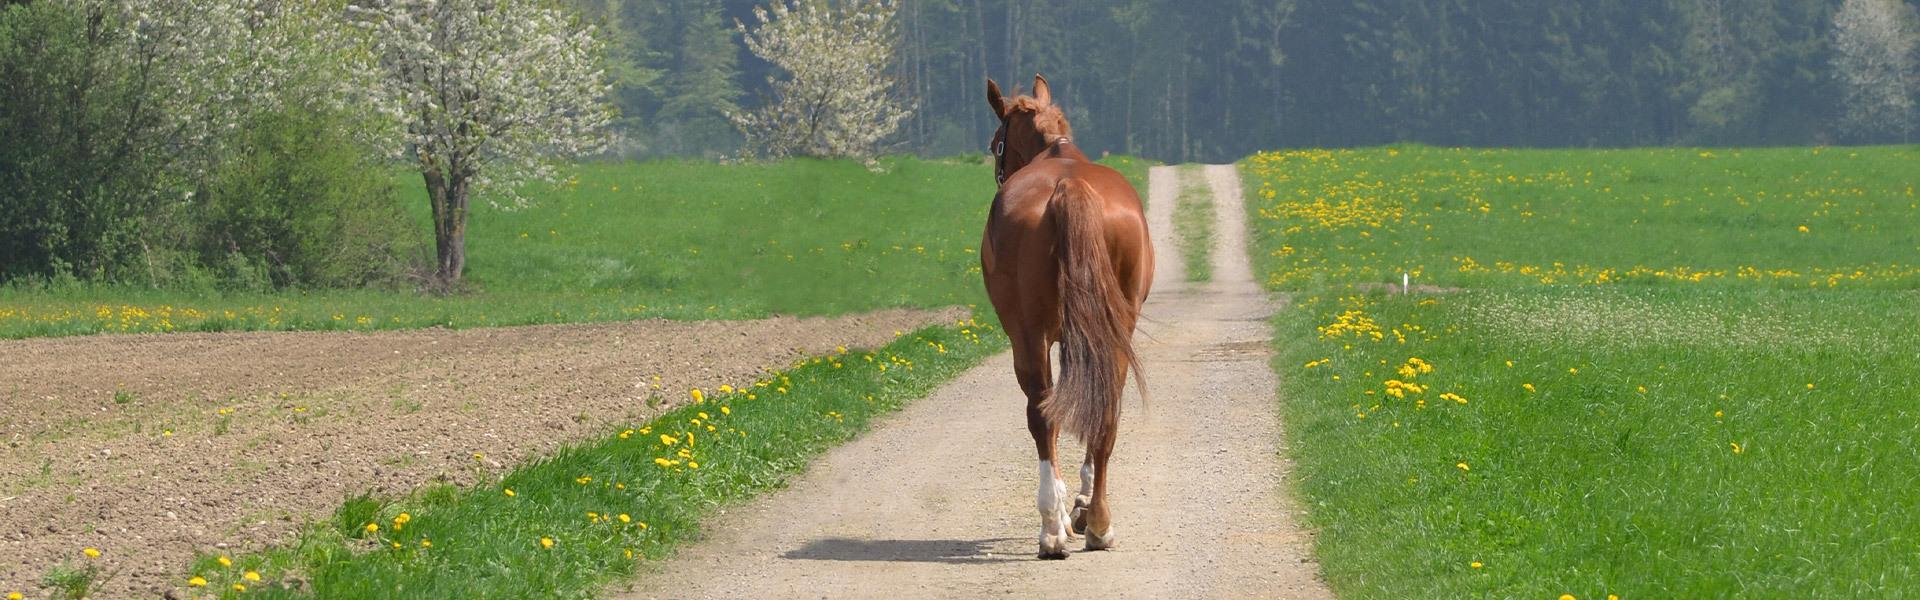 Crématoire pour chevaux Kirchberg - Le déroulement - Pferdekrematorium Kirchberg